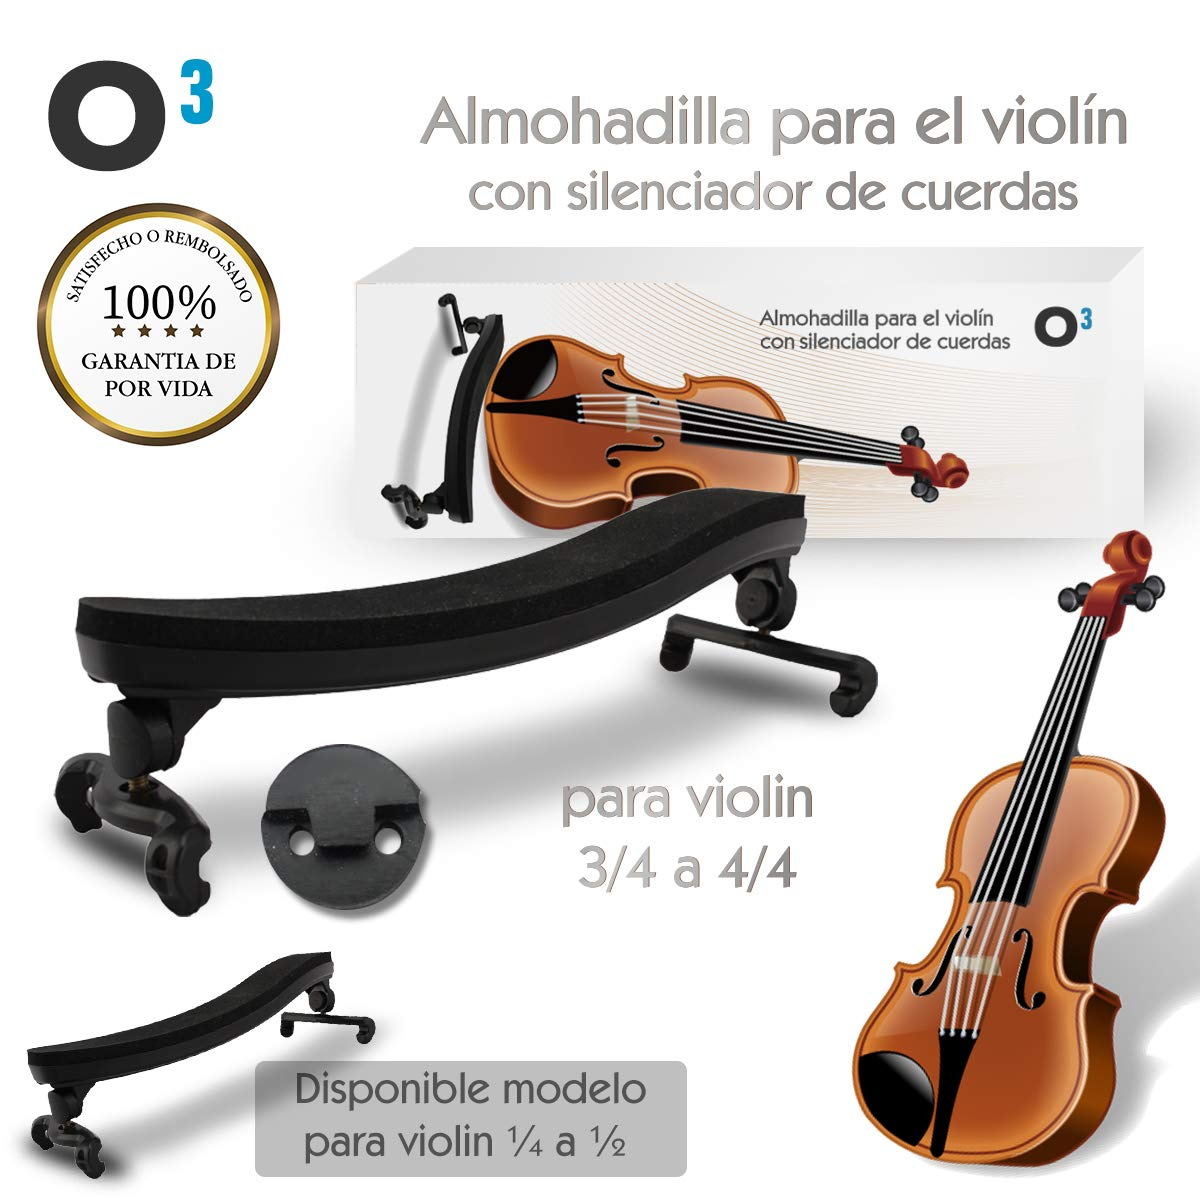 O³ Almohadilla Violin 3/4 a 4/4 Ajustable Para Violin – Con Silenciador De Cuerdas | Soporte Para Violin – Respaldo de Hombro Tamaño Grande De Goma Alcochado | Para Principiantes y Profesionales product image